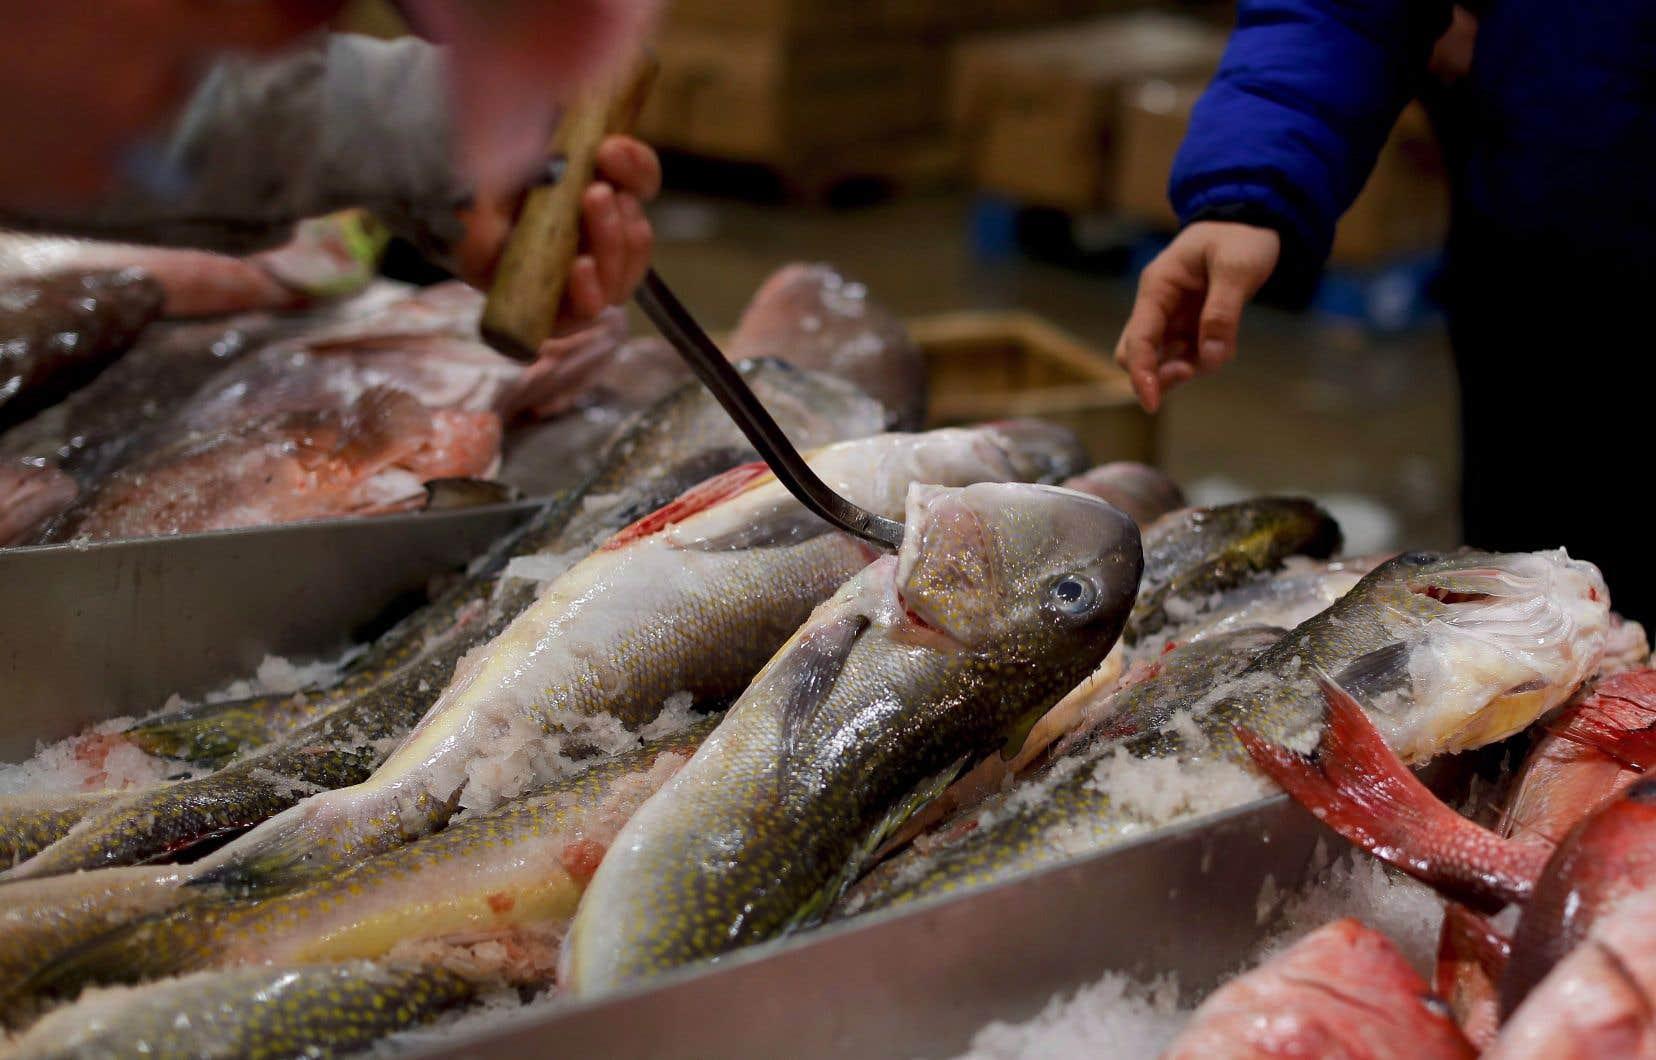 Les produits de la mer sont sensibles à la fraude alimentaire en raison d'une chaîne d'approvisionnement mondiale complexe qui permet un étiquetage accidentel ou délibéré à de nombreux stades.